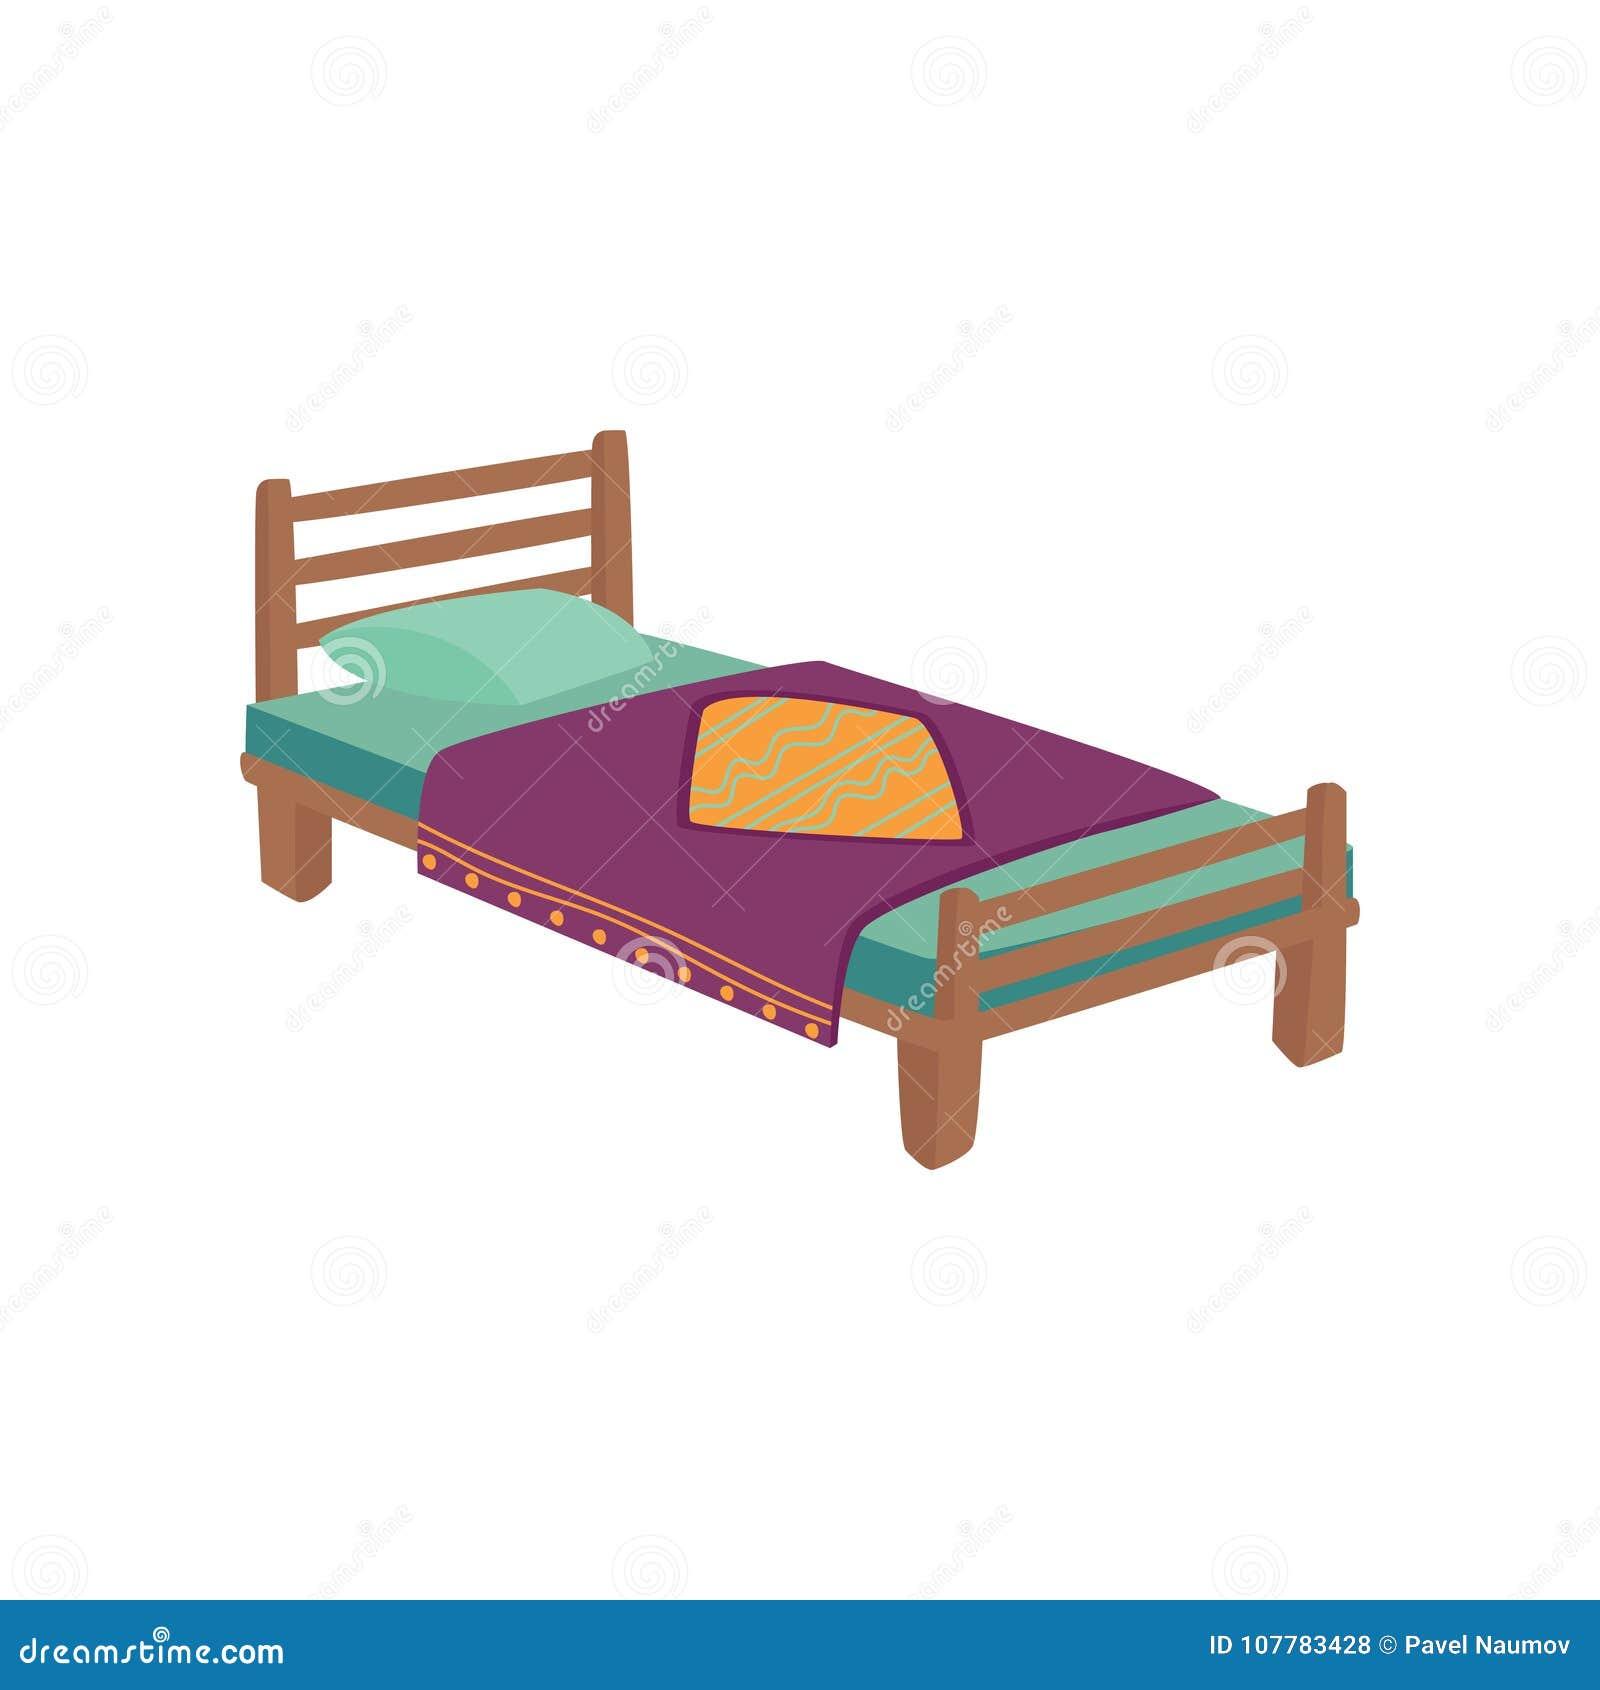 Holzernes Bett Fur Kinder Mit Kissen Und Purpurrote Umfassende